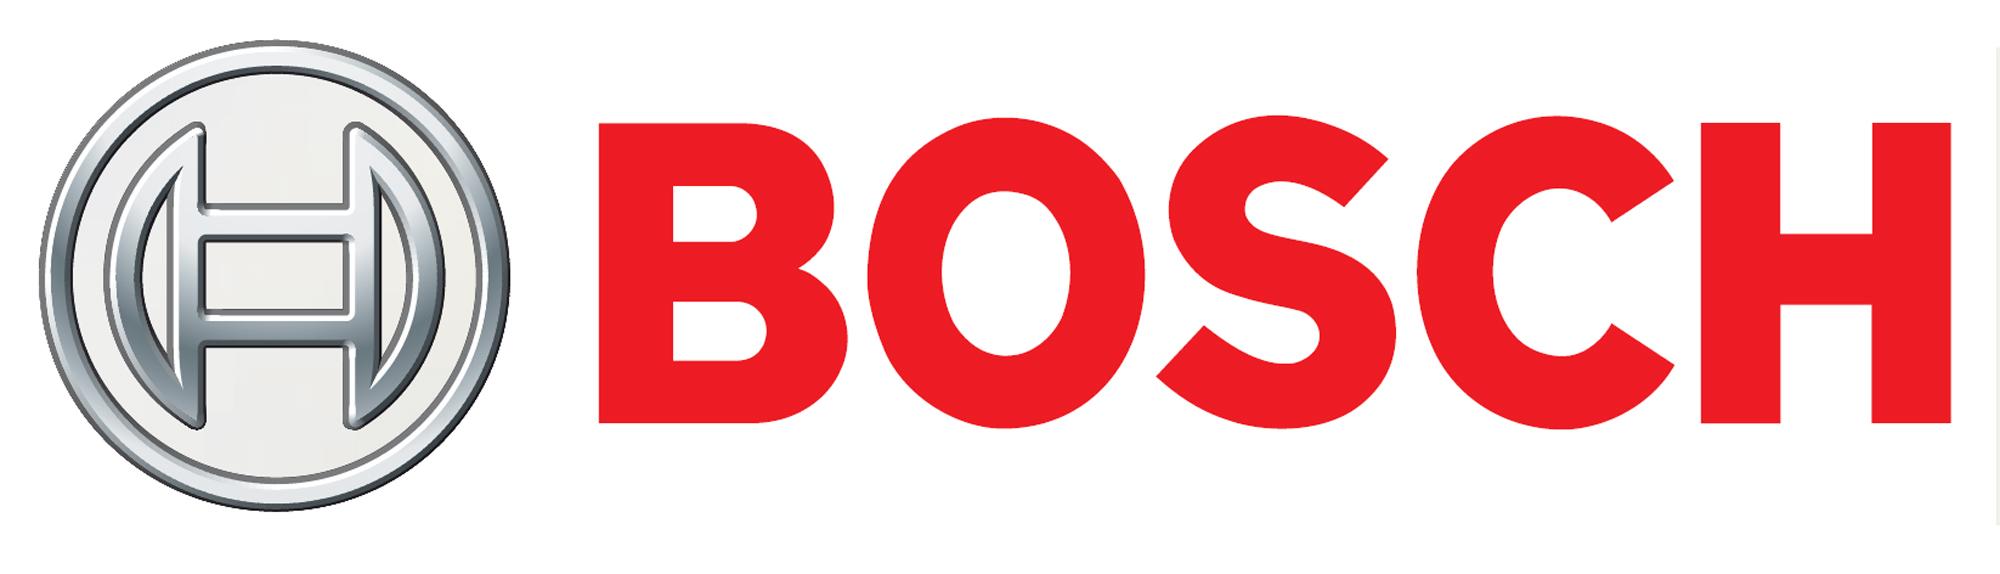 1392371578_Bosch_logo